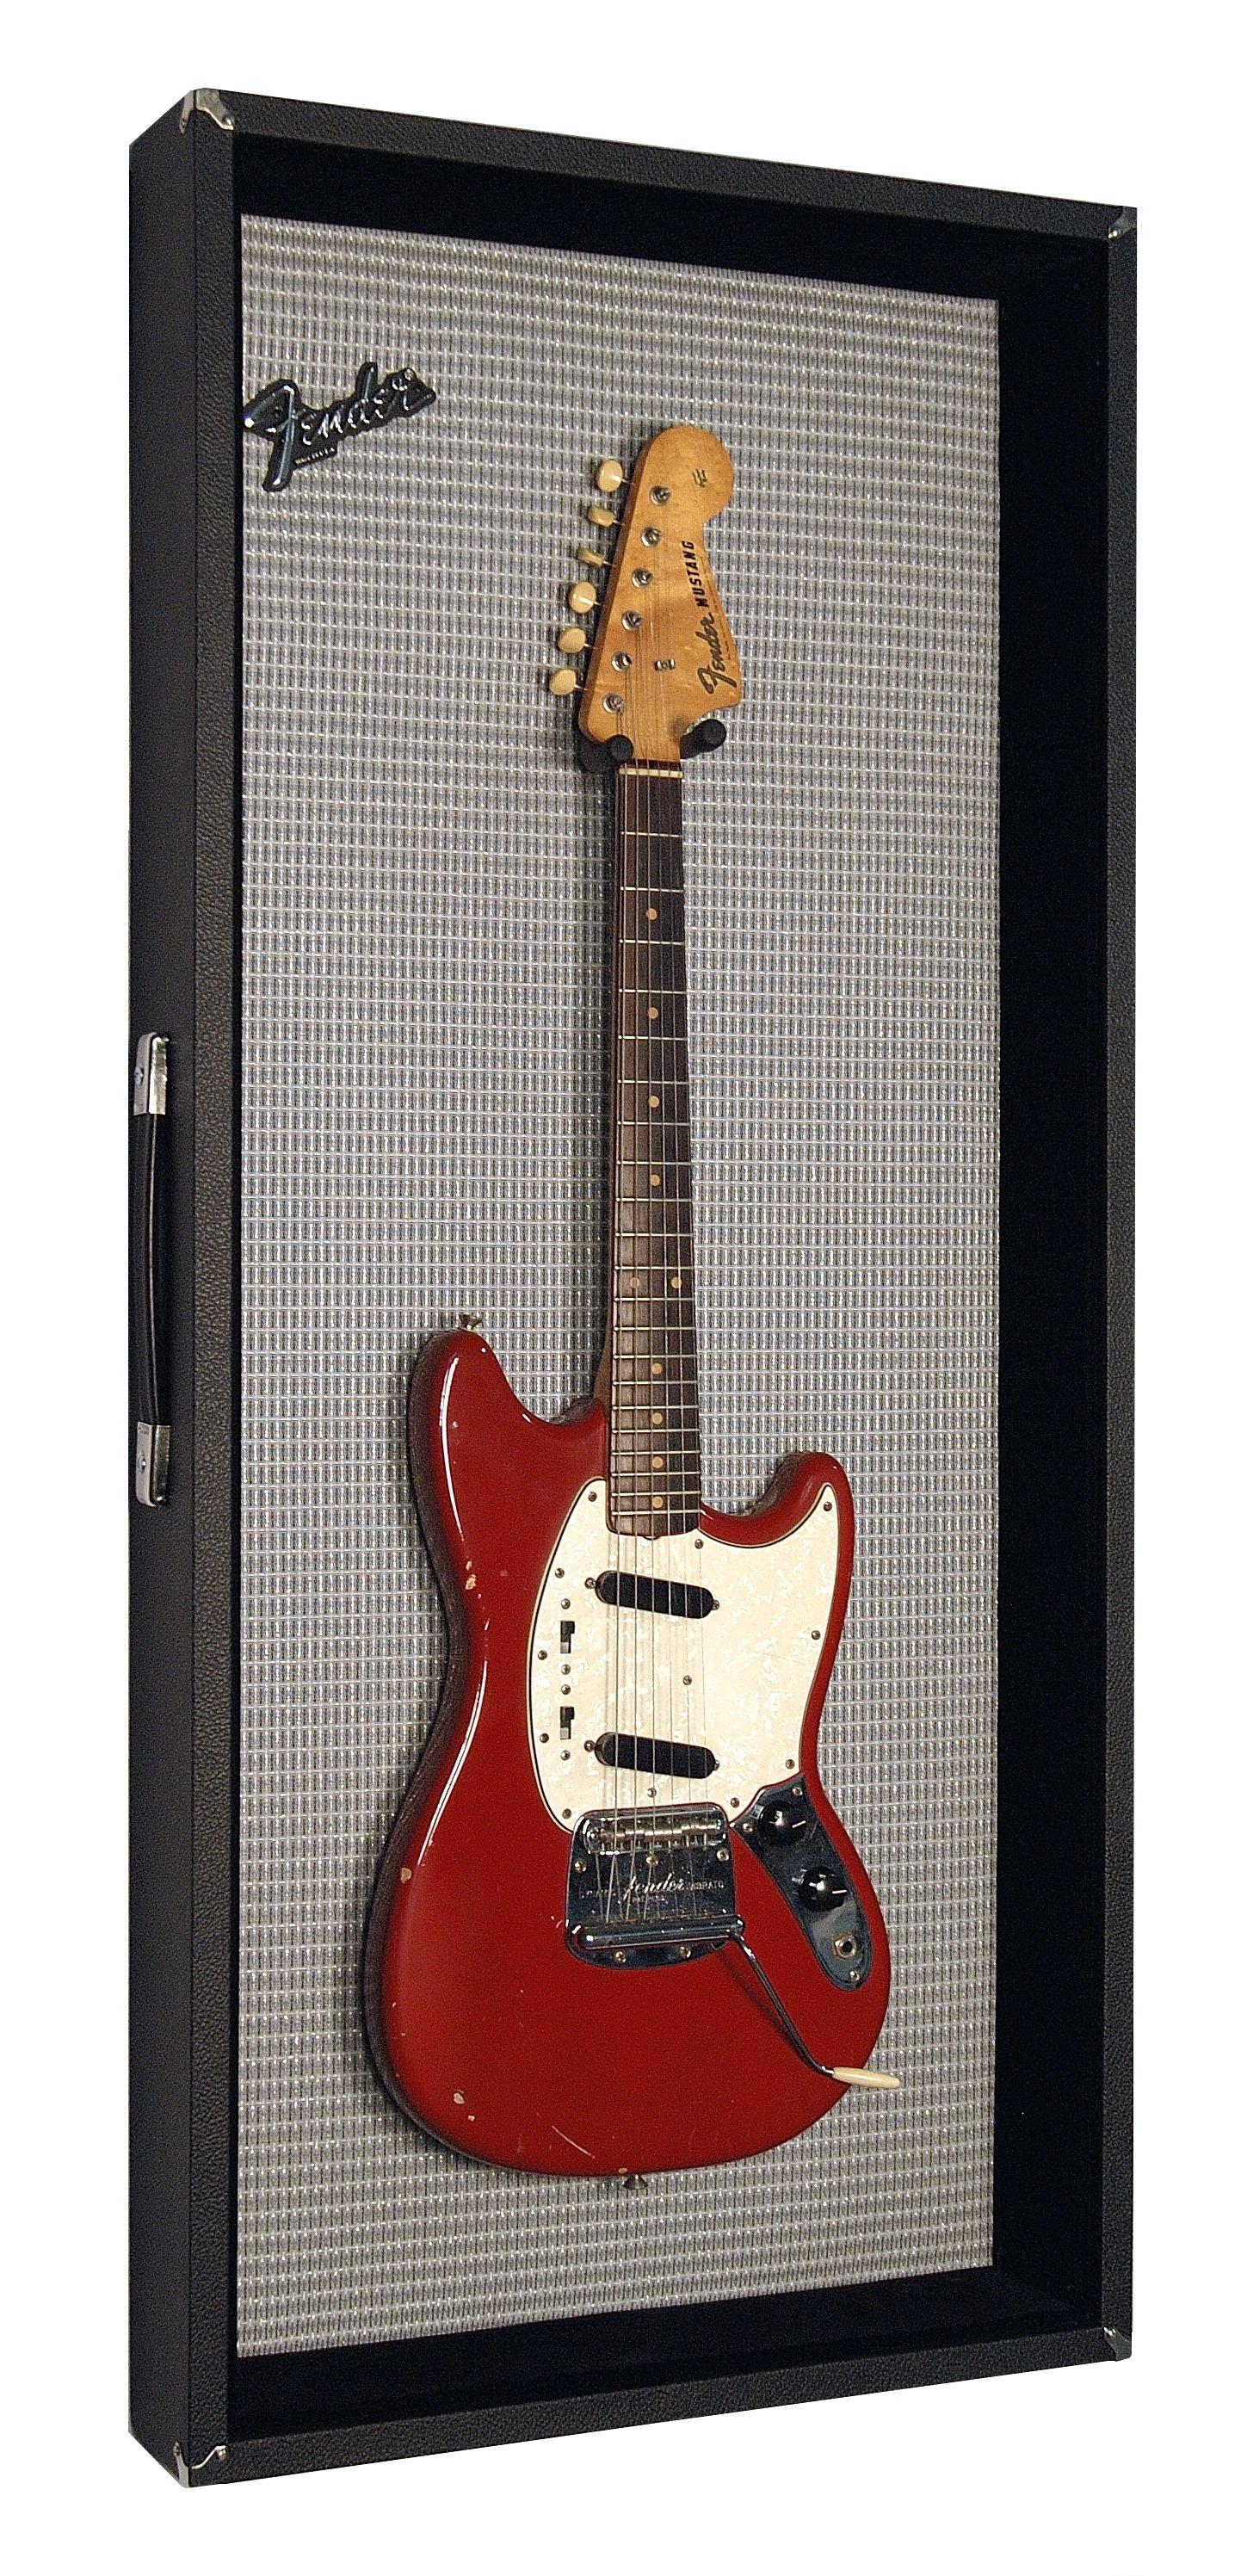 guitar frame vintage guitars guitar display guitar display case music bedroom. Black Bedroom Furniture Sets. Home Design Ideas